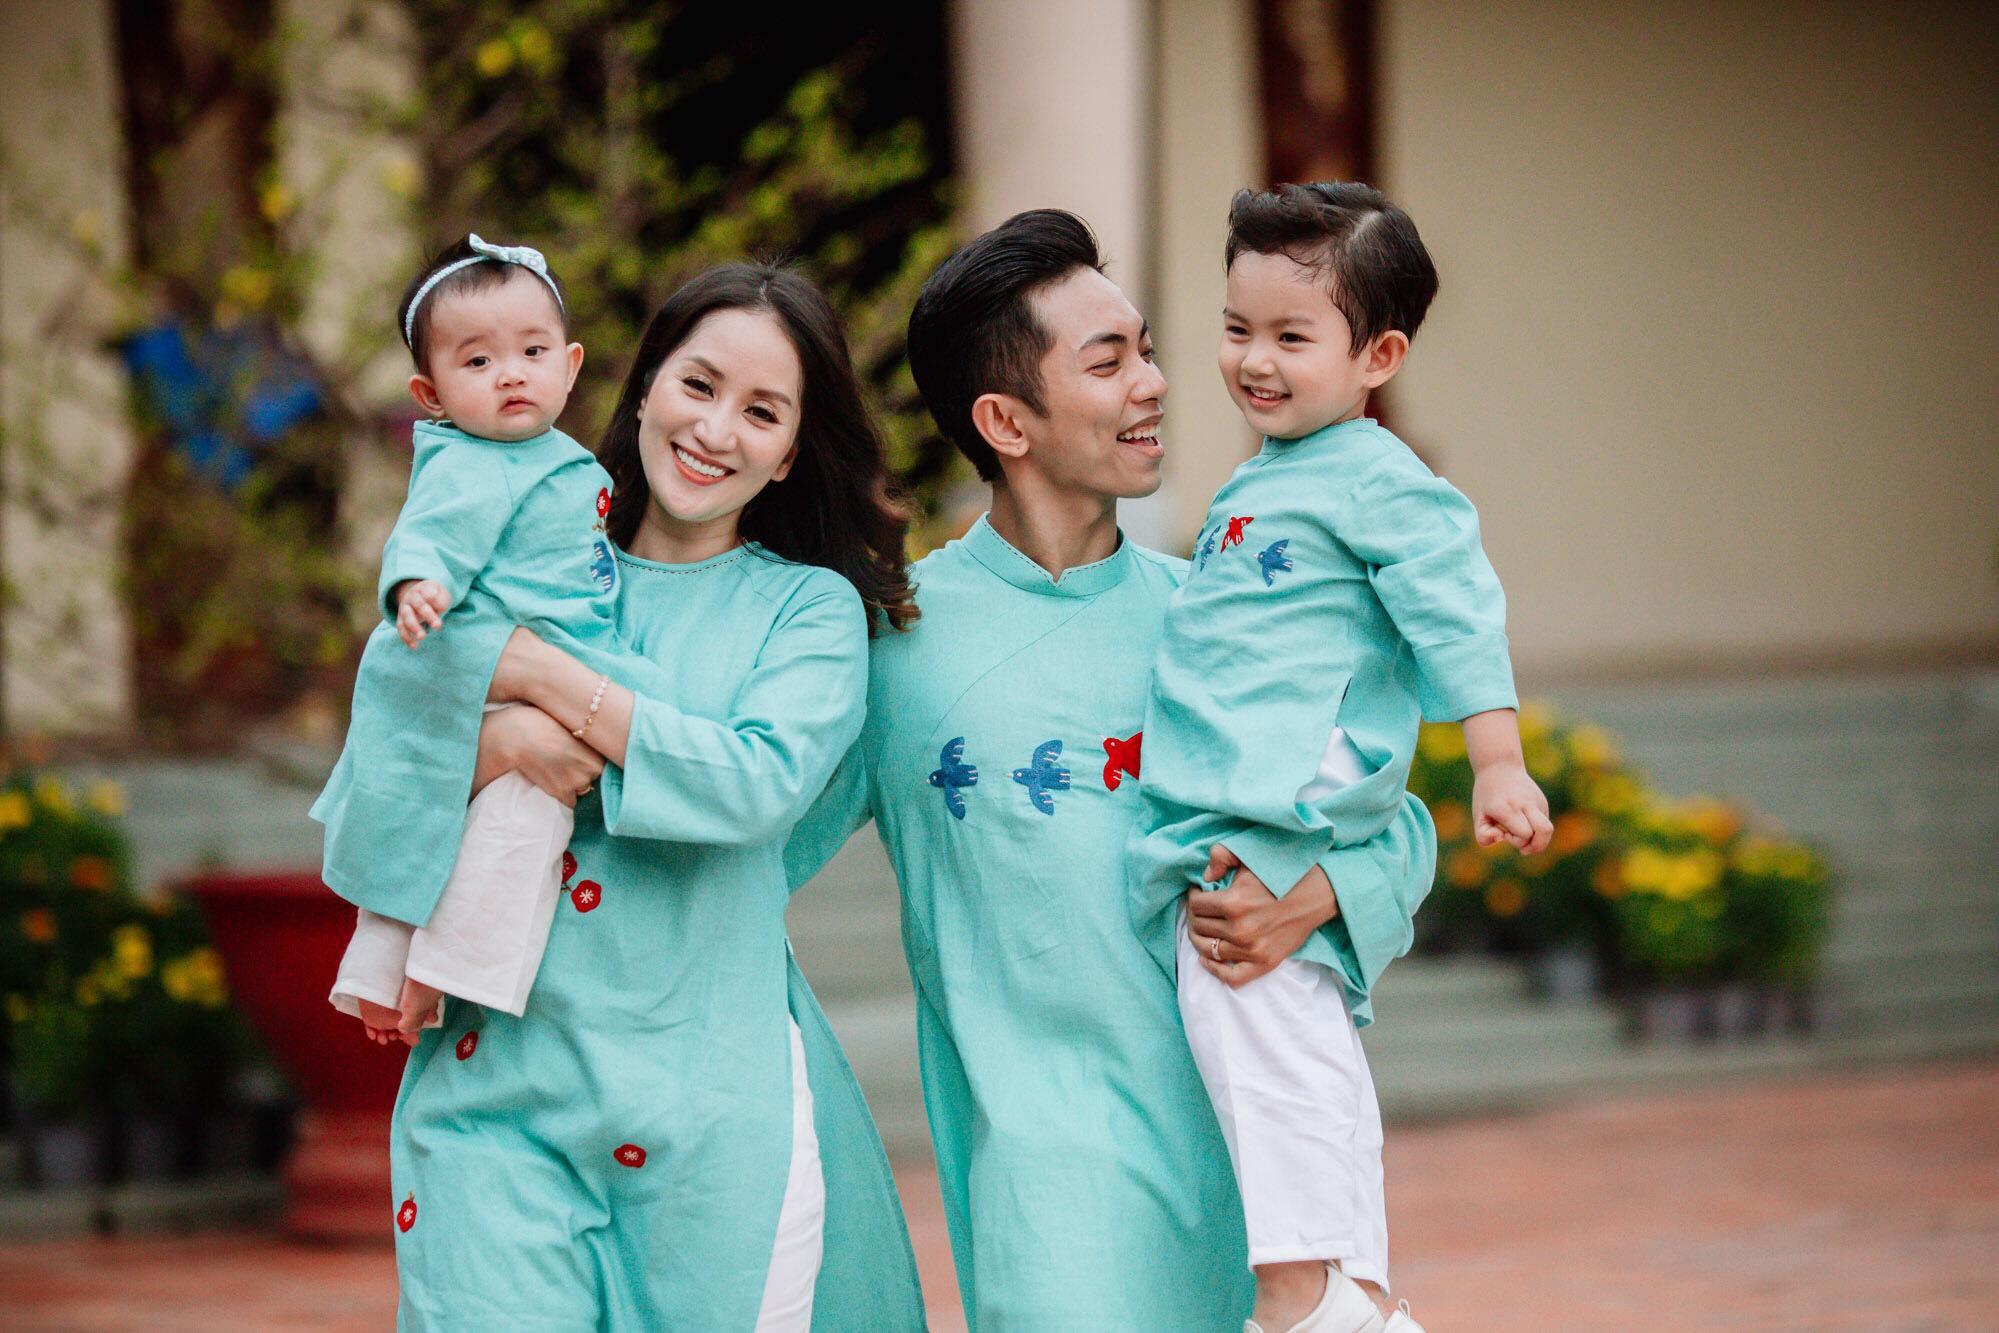 """Những chuyện tình """"chị - em"""" đáng ngưỡng mộ nhất showbiz Việt: Khi tình trẻ sẵn sàng làm chỗ dựa cho người phụ nữ trải qua nhiều giông bão - Ảnh 12."""